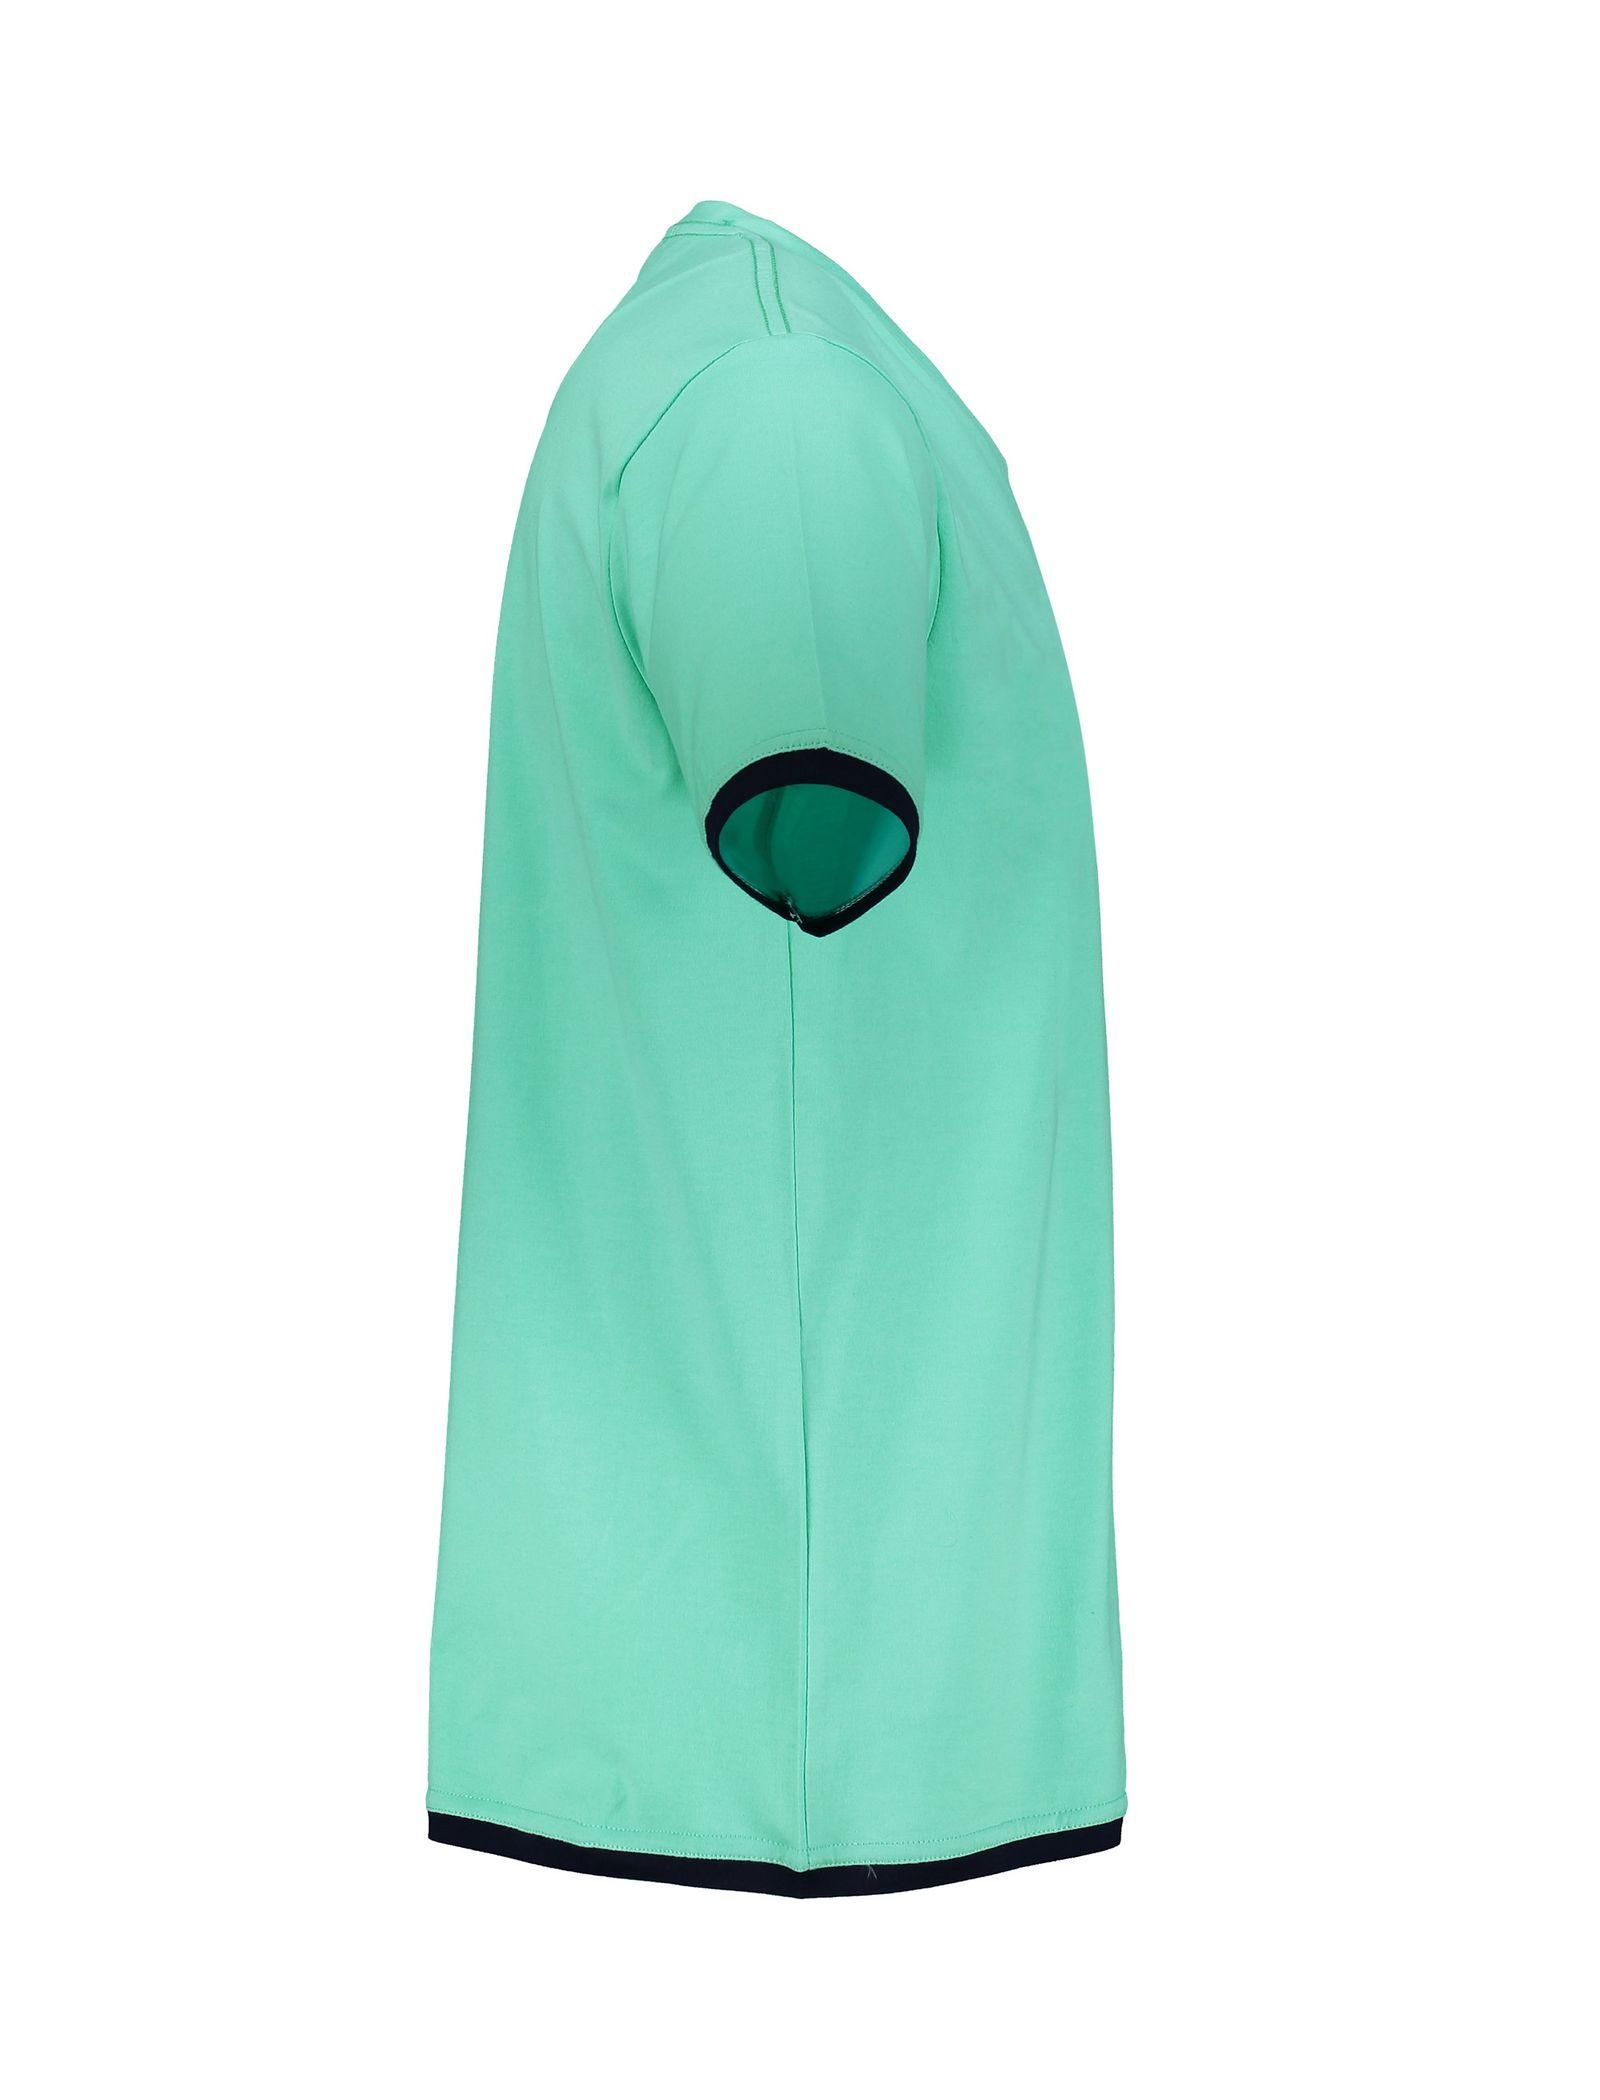 تی شرت و شلوار نخی راحتی مردانه - آر اِن اِس - سبز آبي - 5